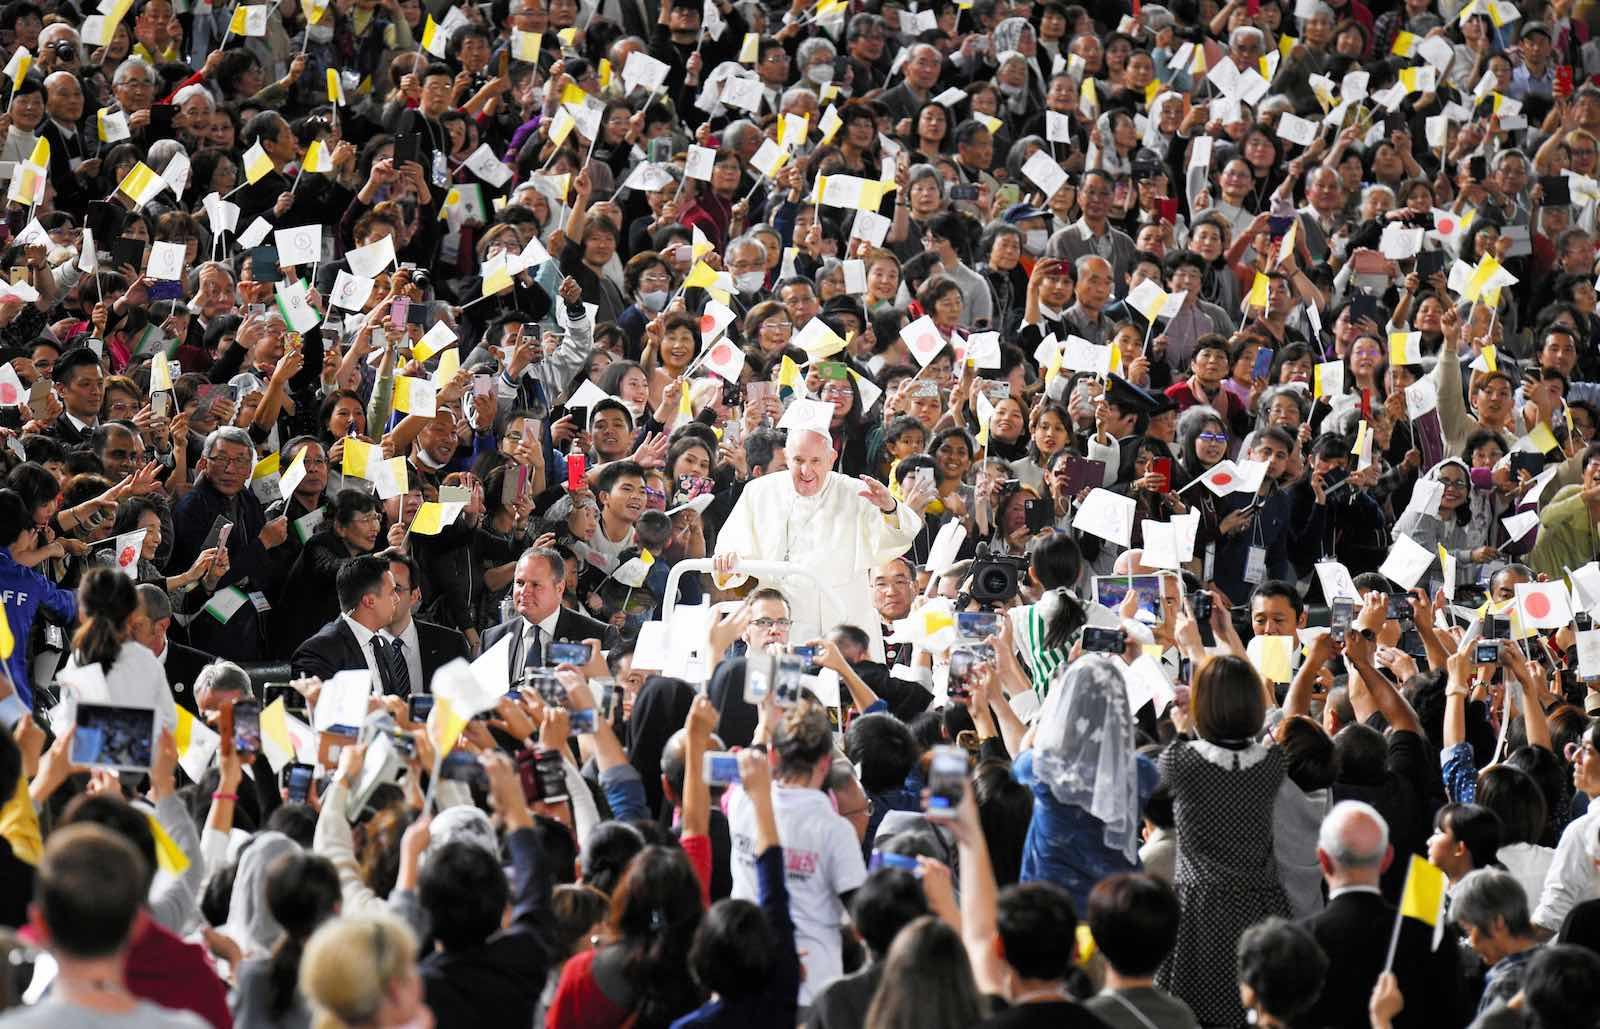 Pope Francis waves during Holy Mass at Tokyo Dome on 25 November (Photo: Asahi Shimbun via Getty Images)